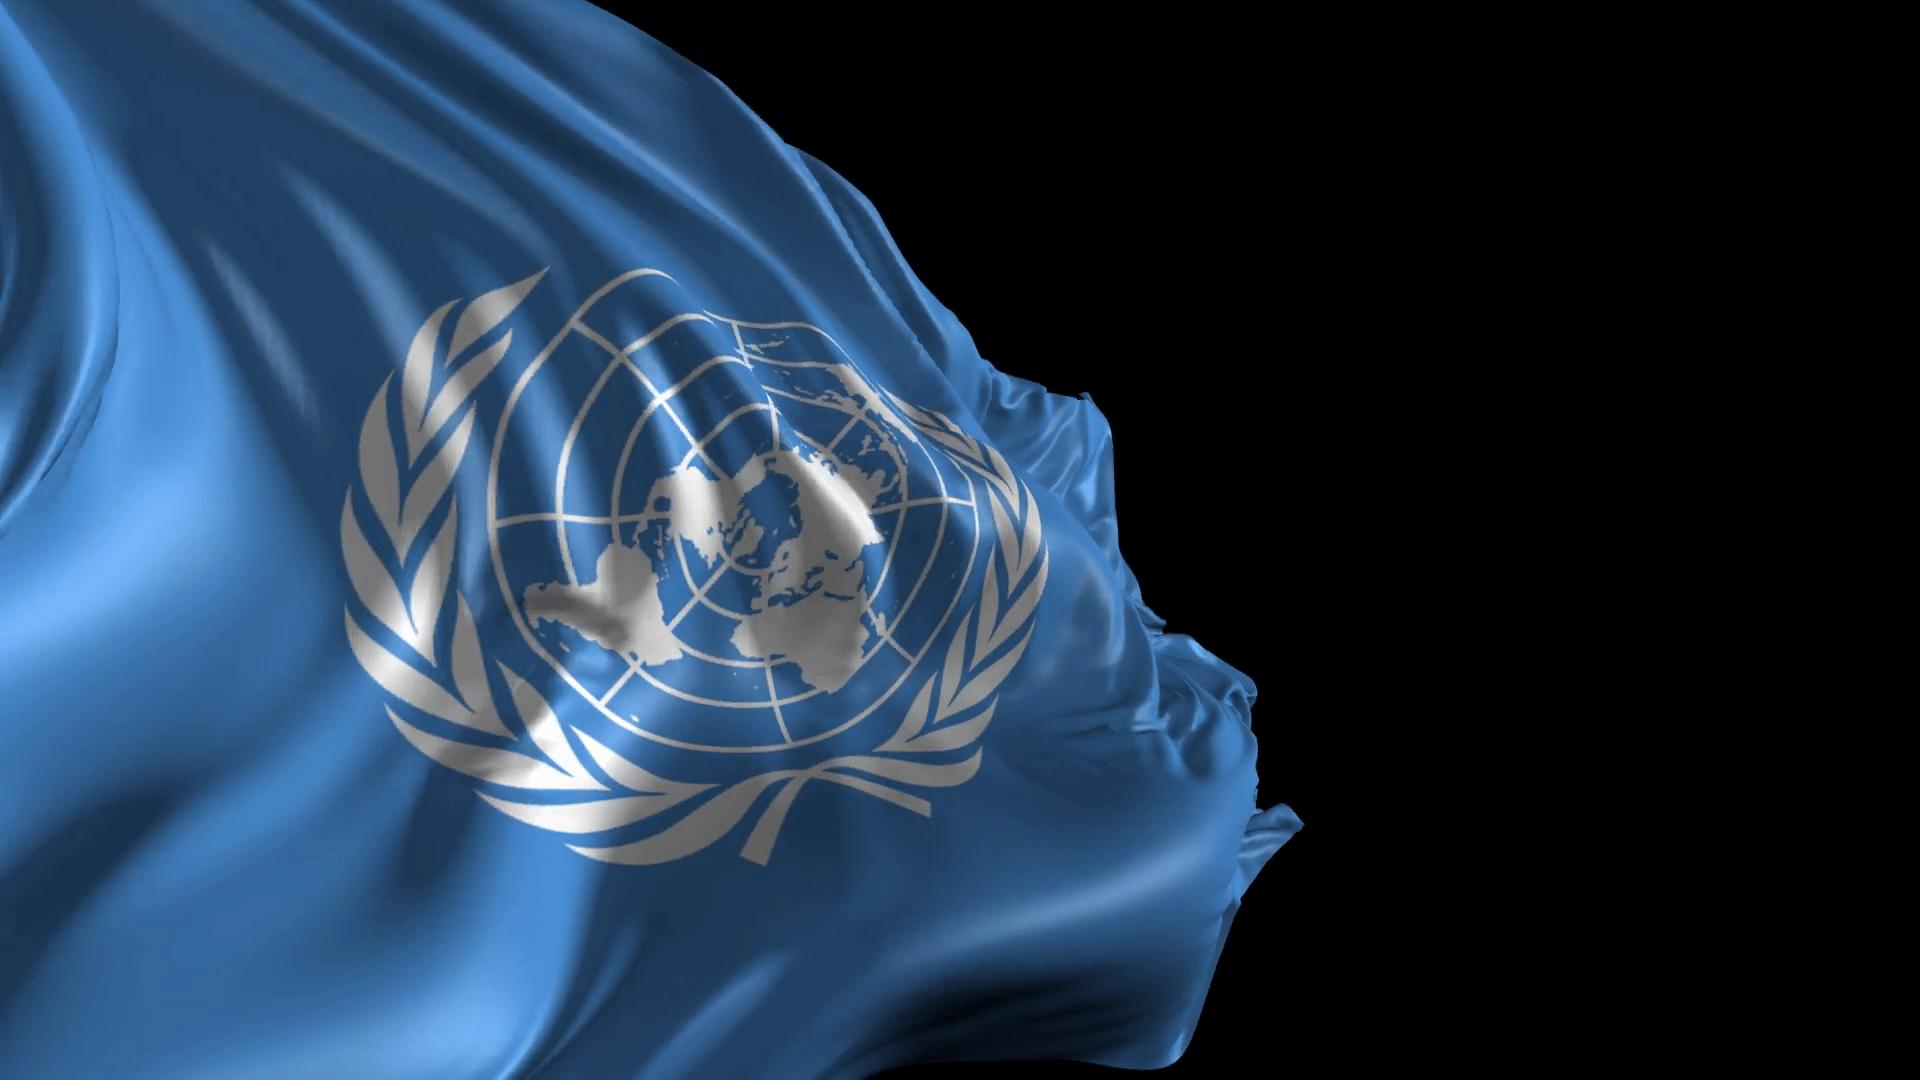 Desfășurarea misiunii de căști albastre în Donbass sub mandat ONU, o misiune imposibilă